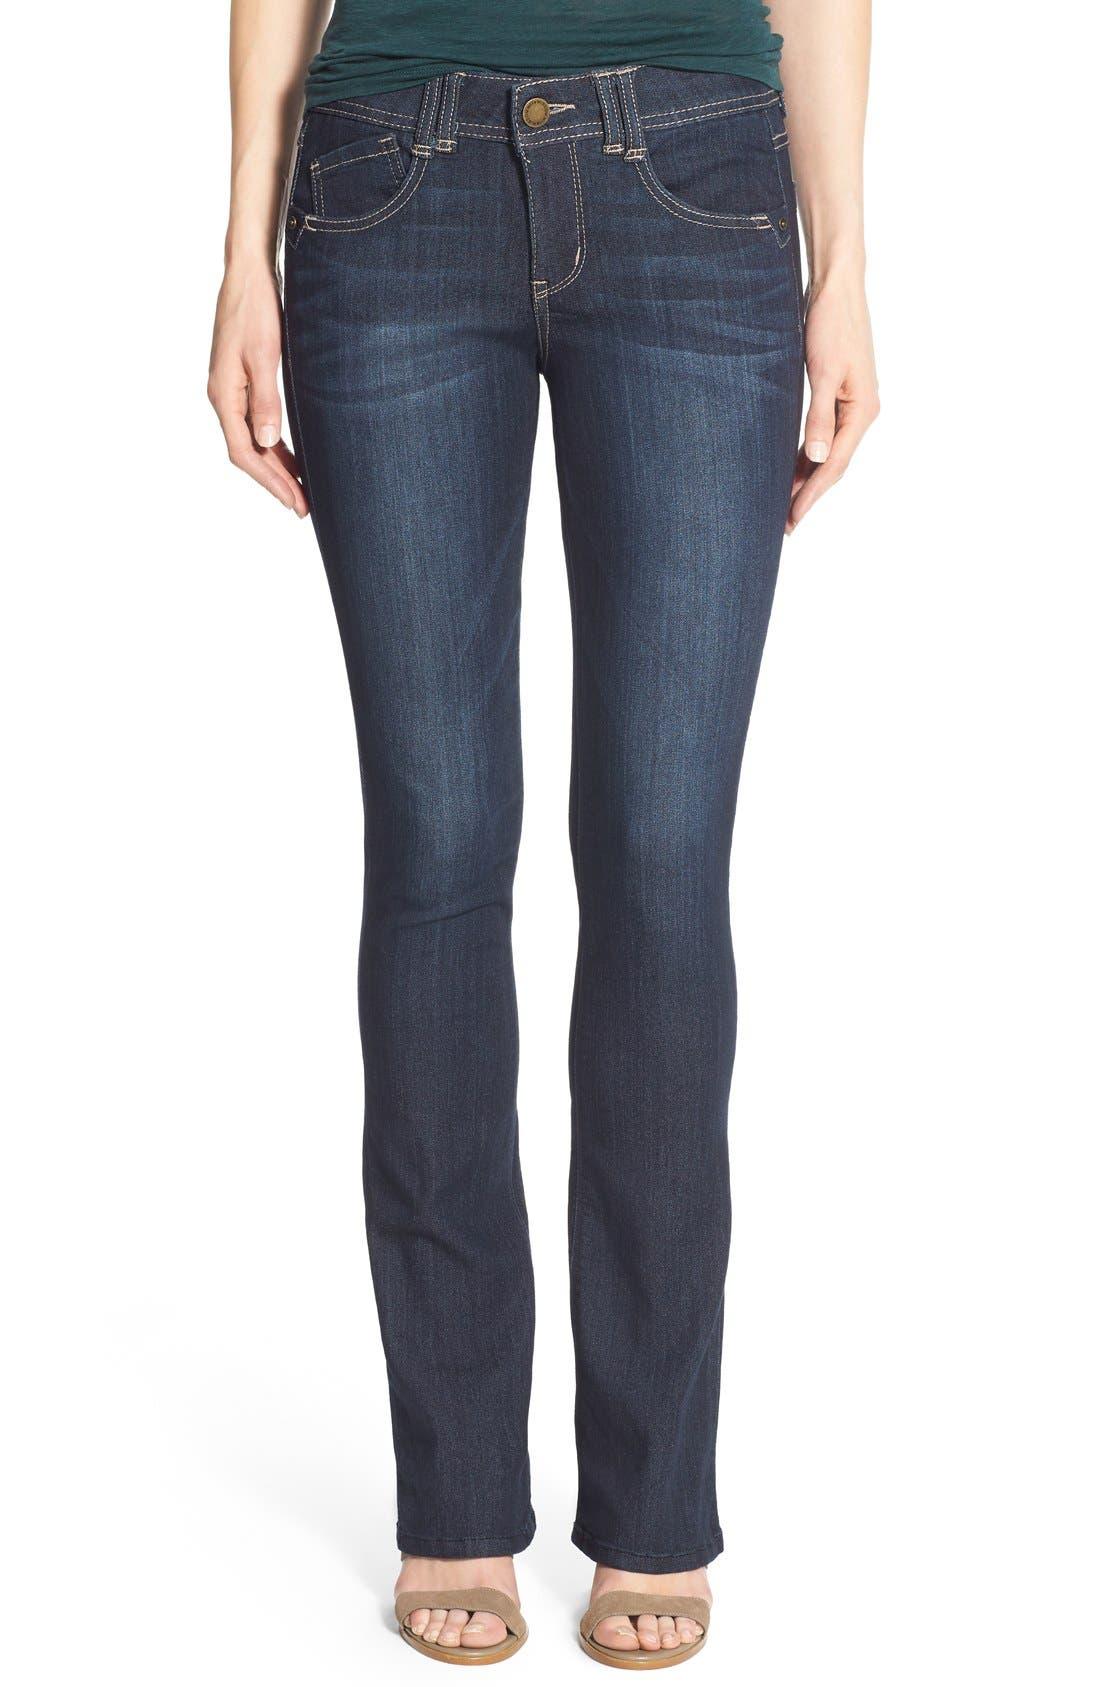 Sarah bootcut jeans c&a